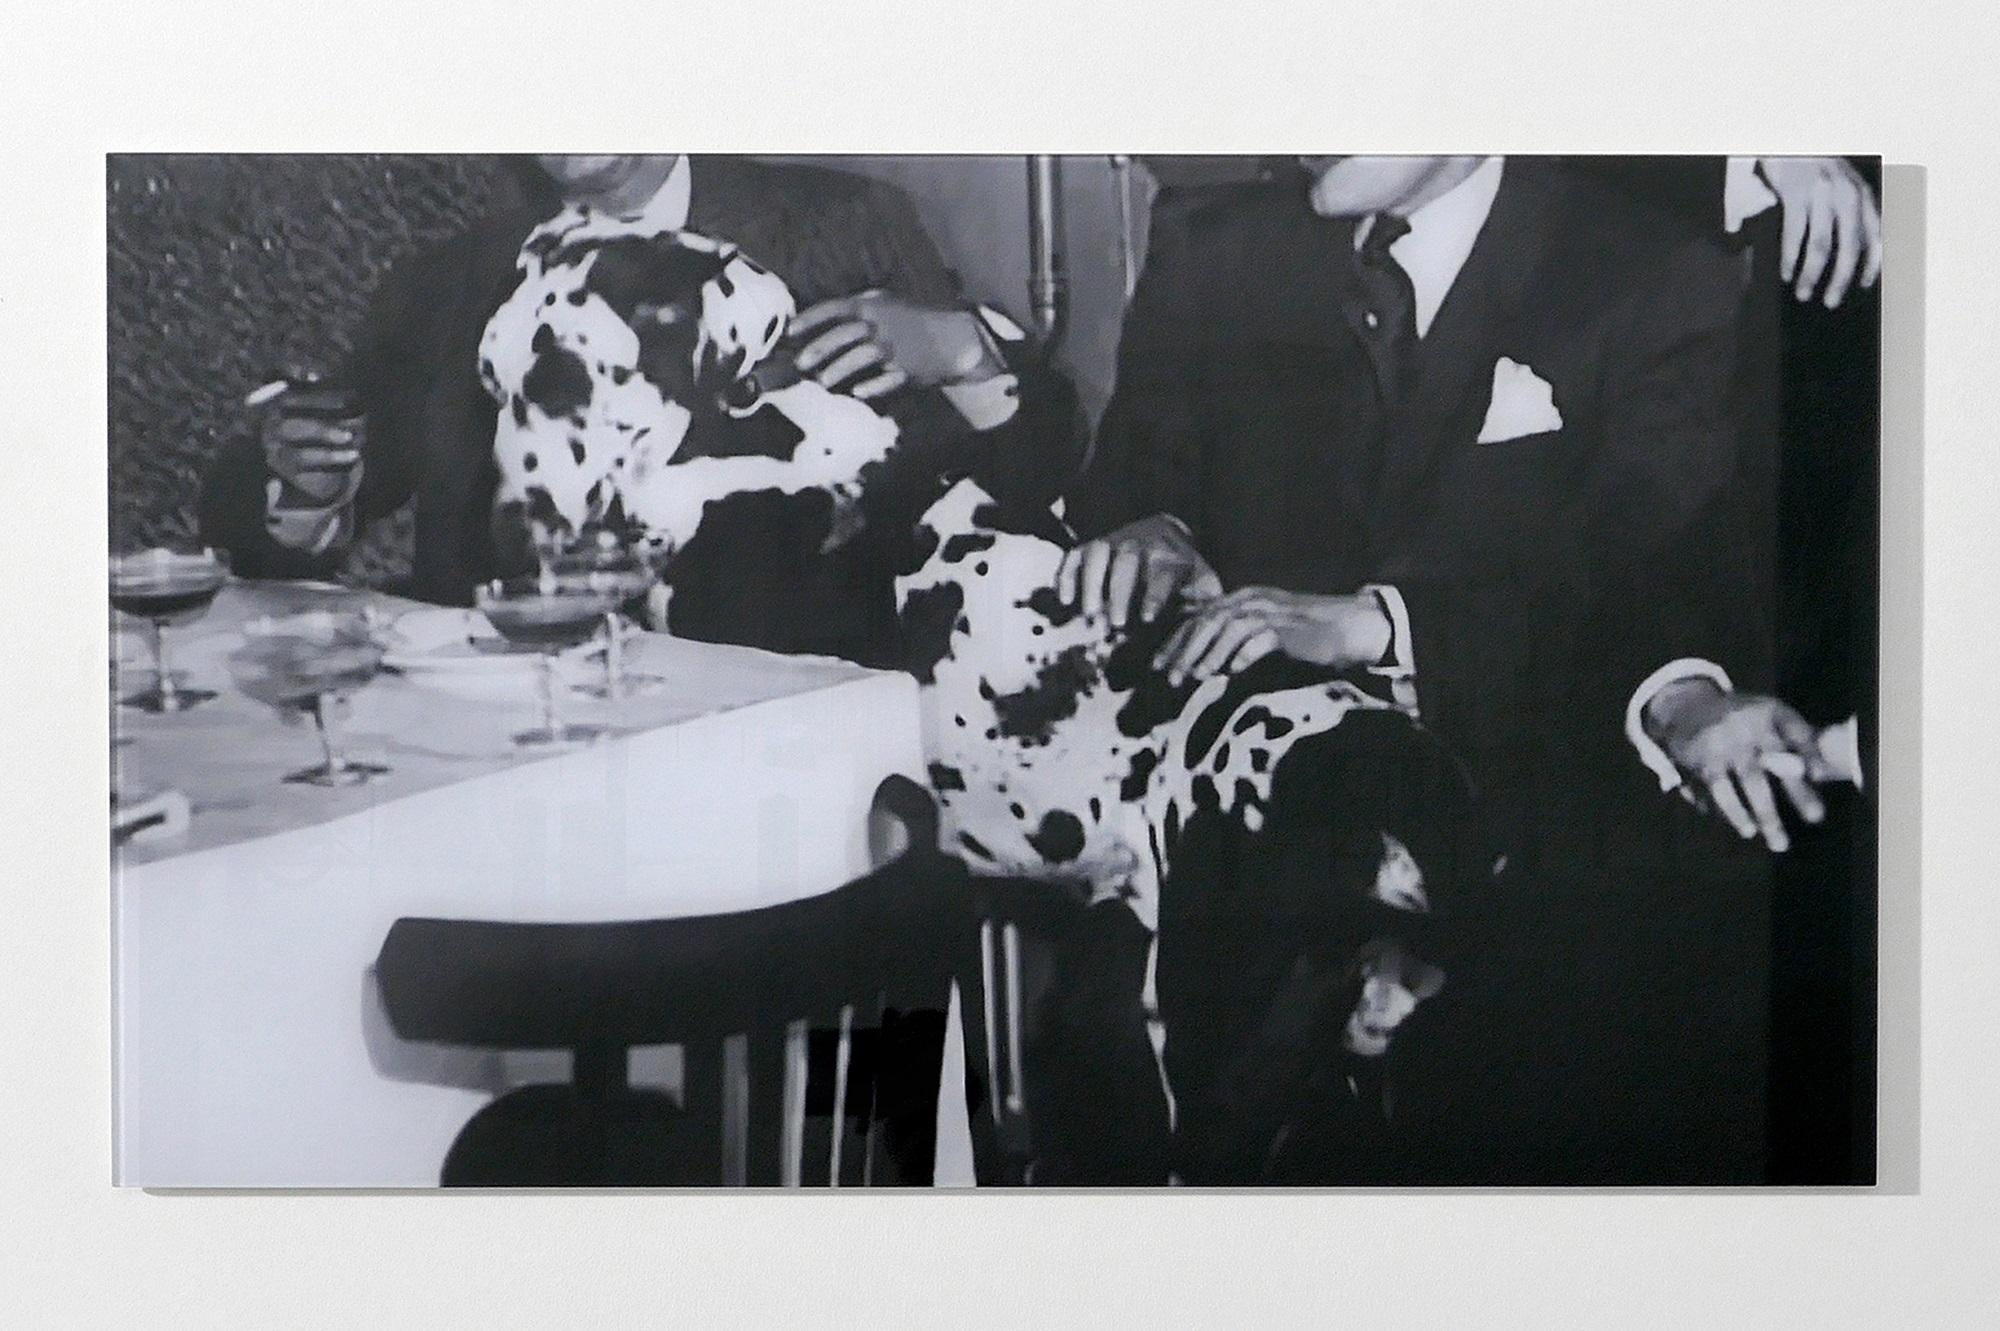 Dalmatien, 2018 - Marie Angeletti